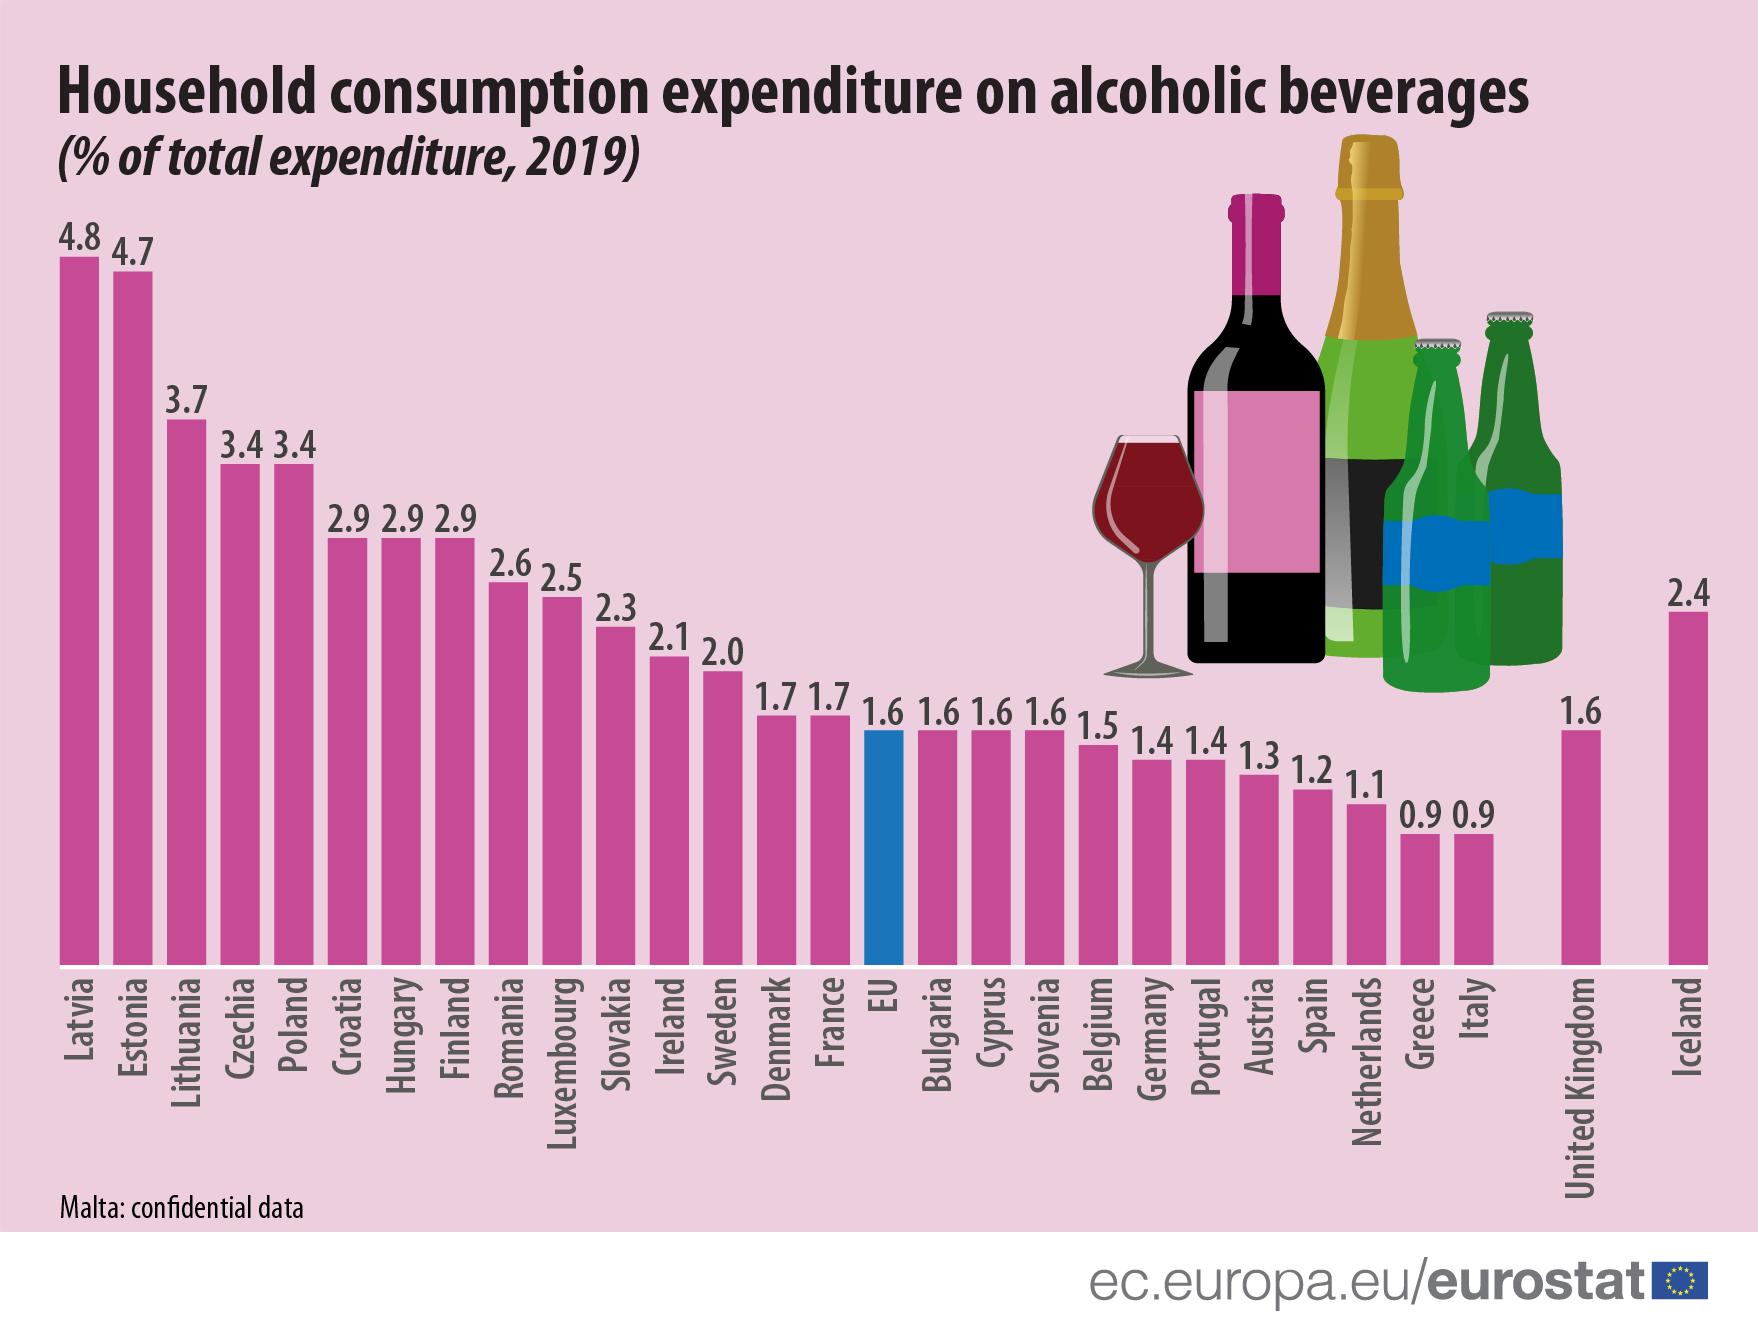 Majdnem kétszer annyit költöttek alkoholra a magyar háztartások tavaly, mint az EU átlag